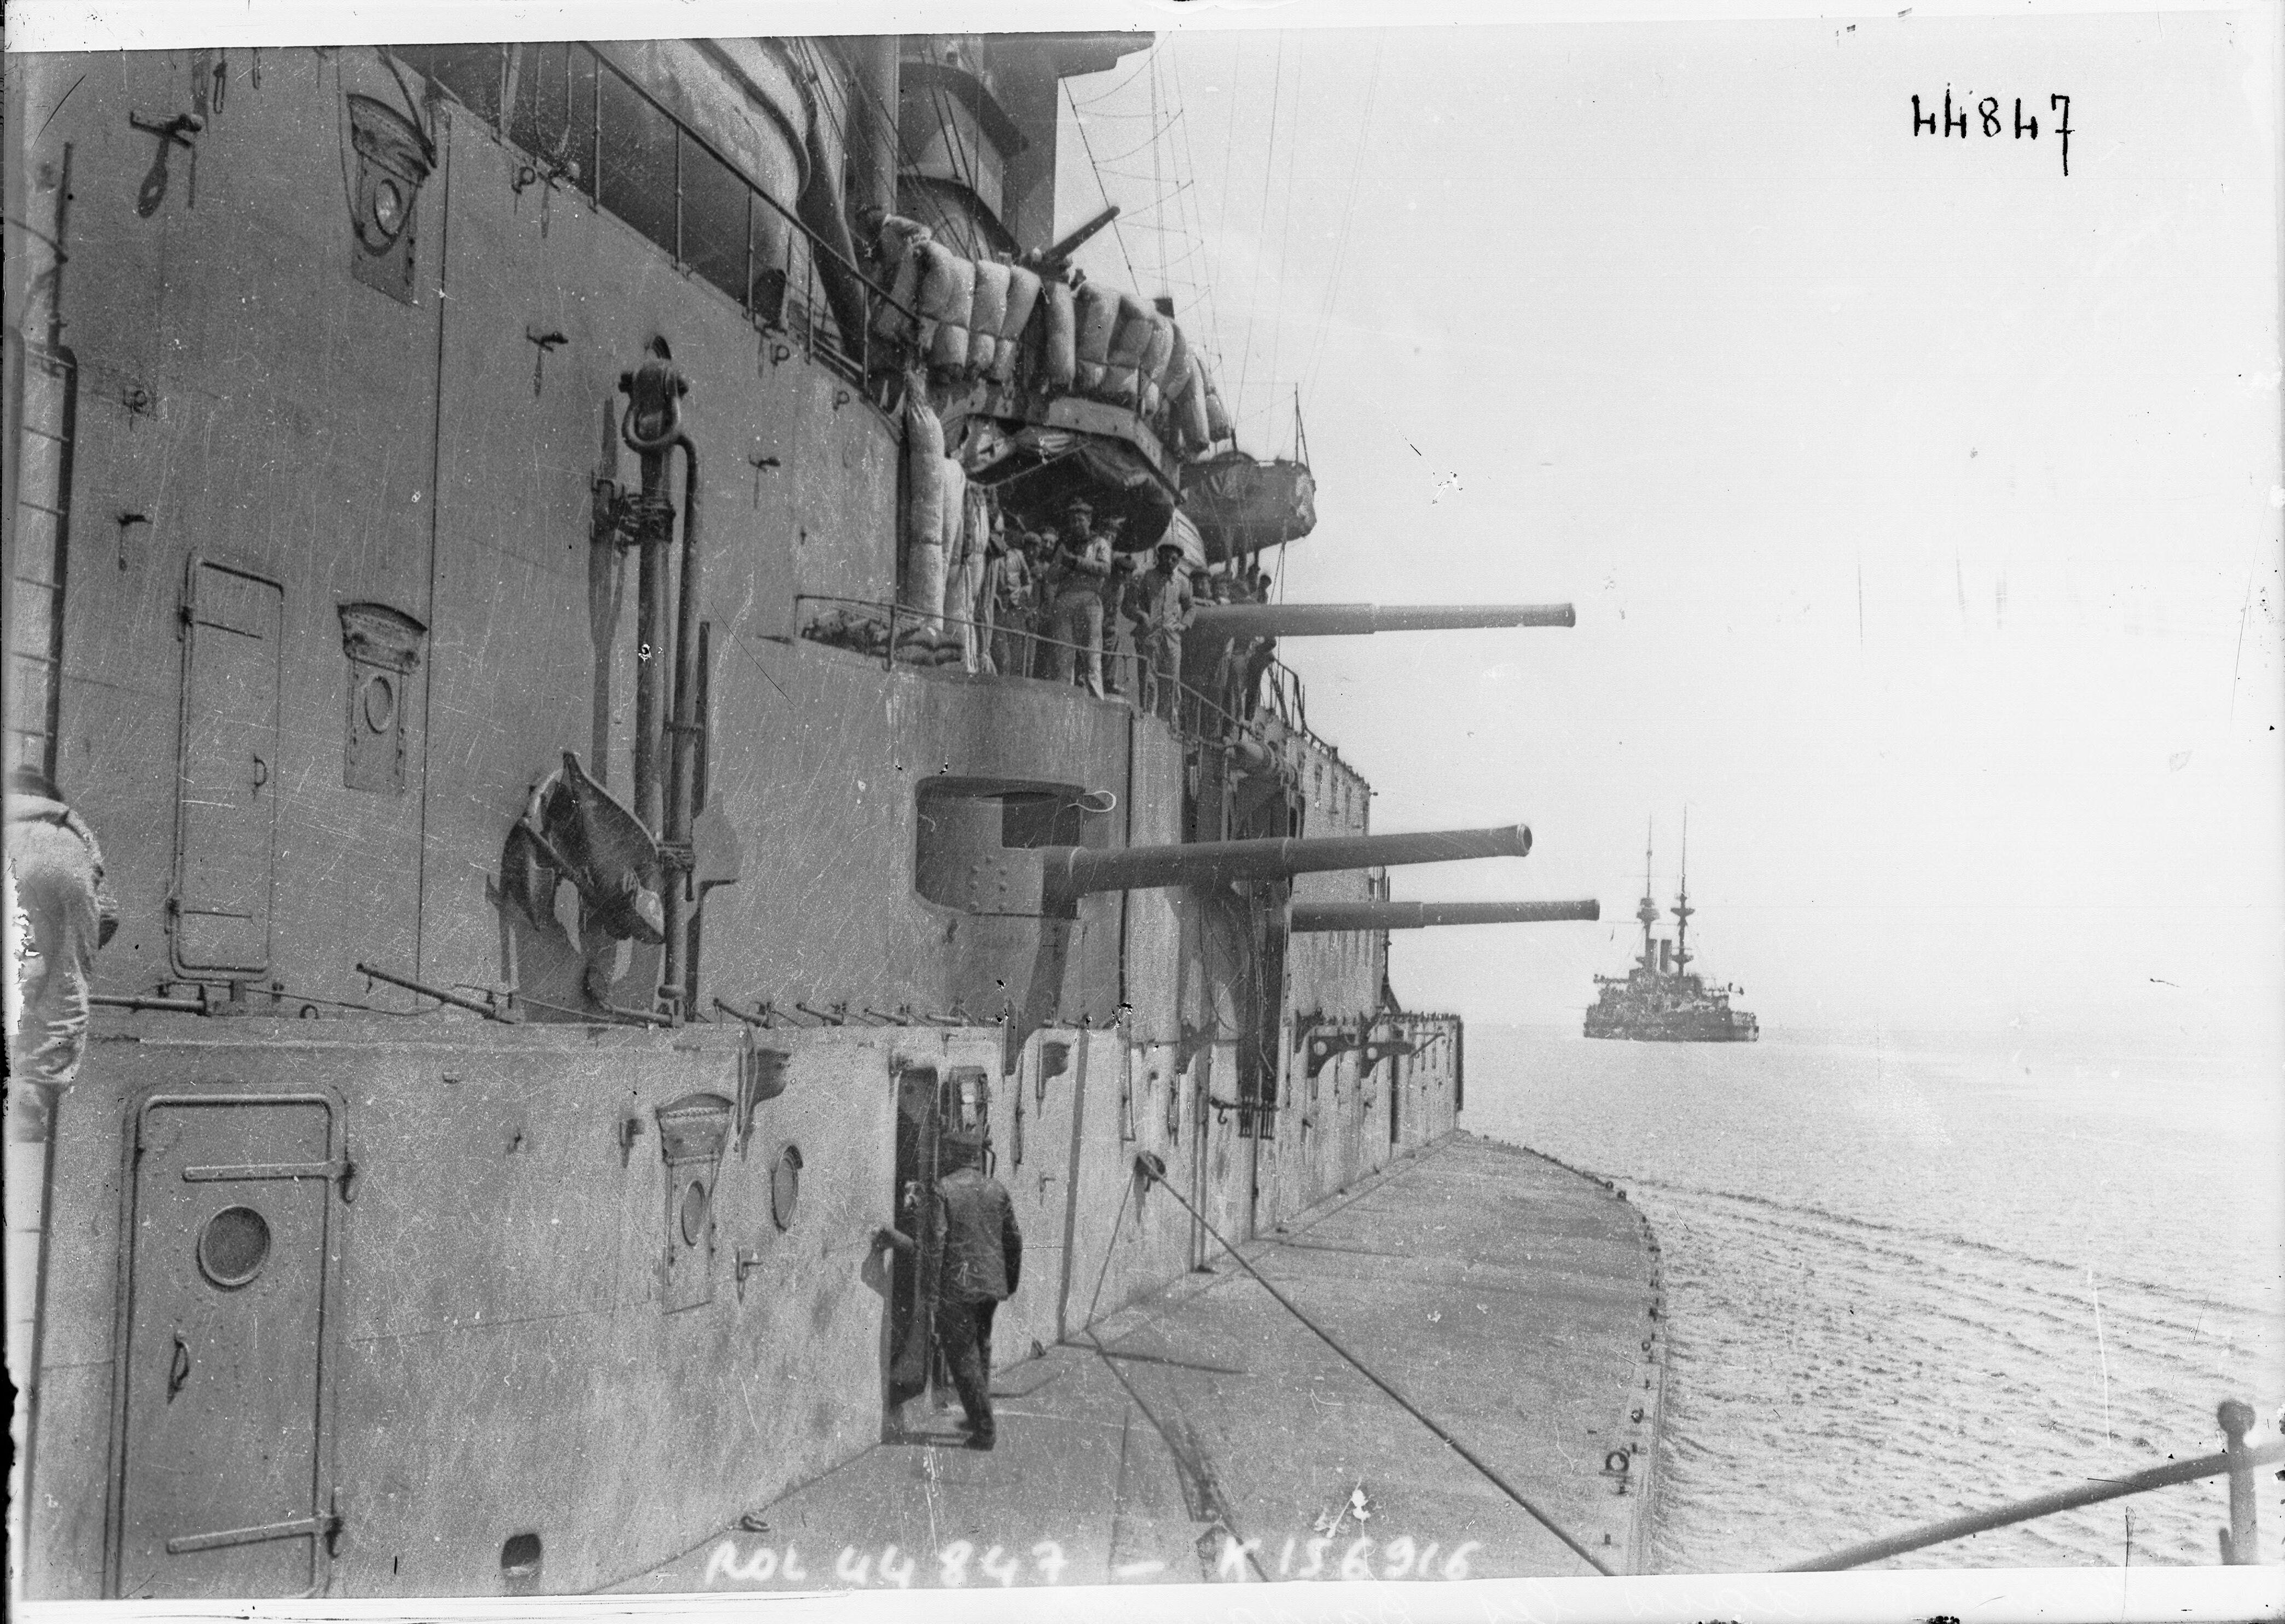 French battleship Henri IV - Wikipedia